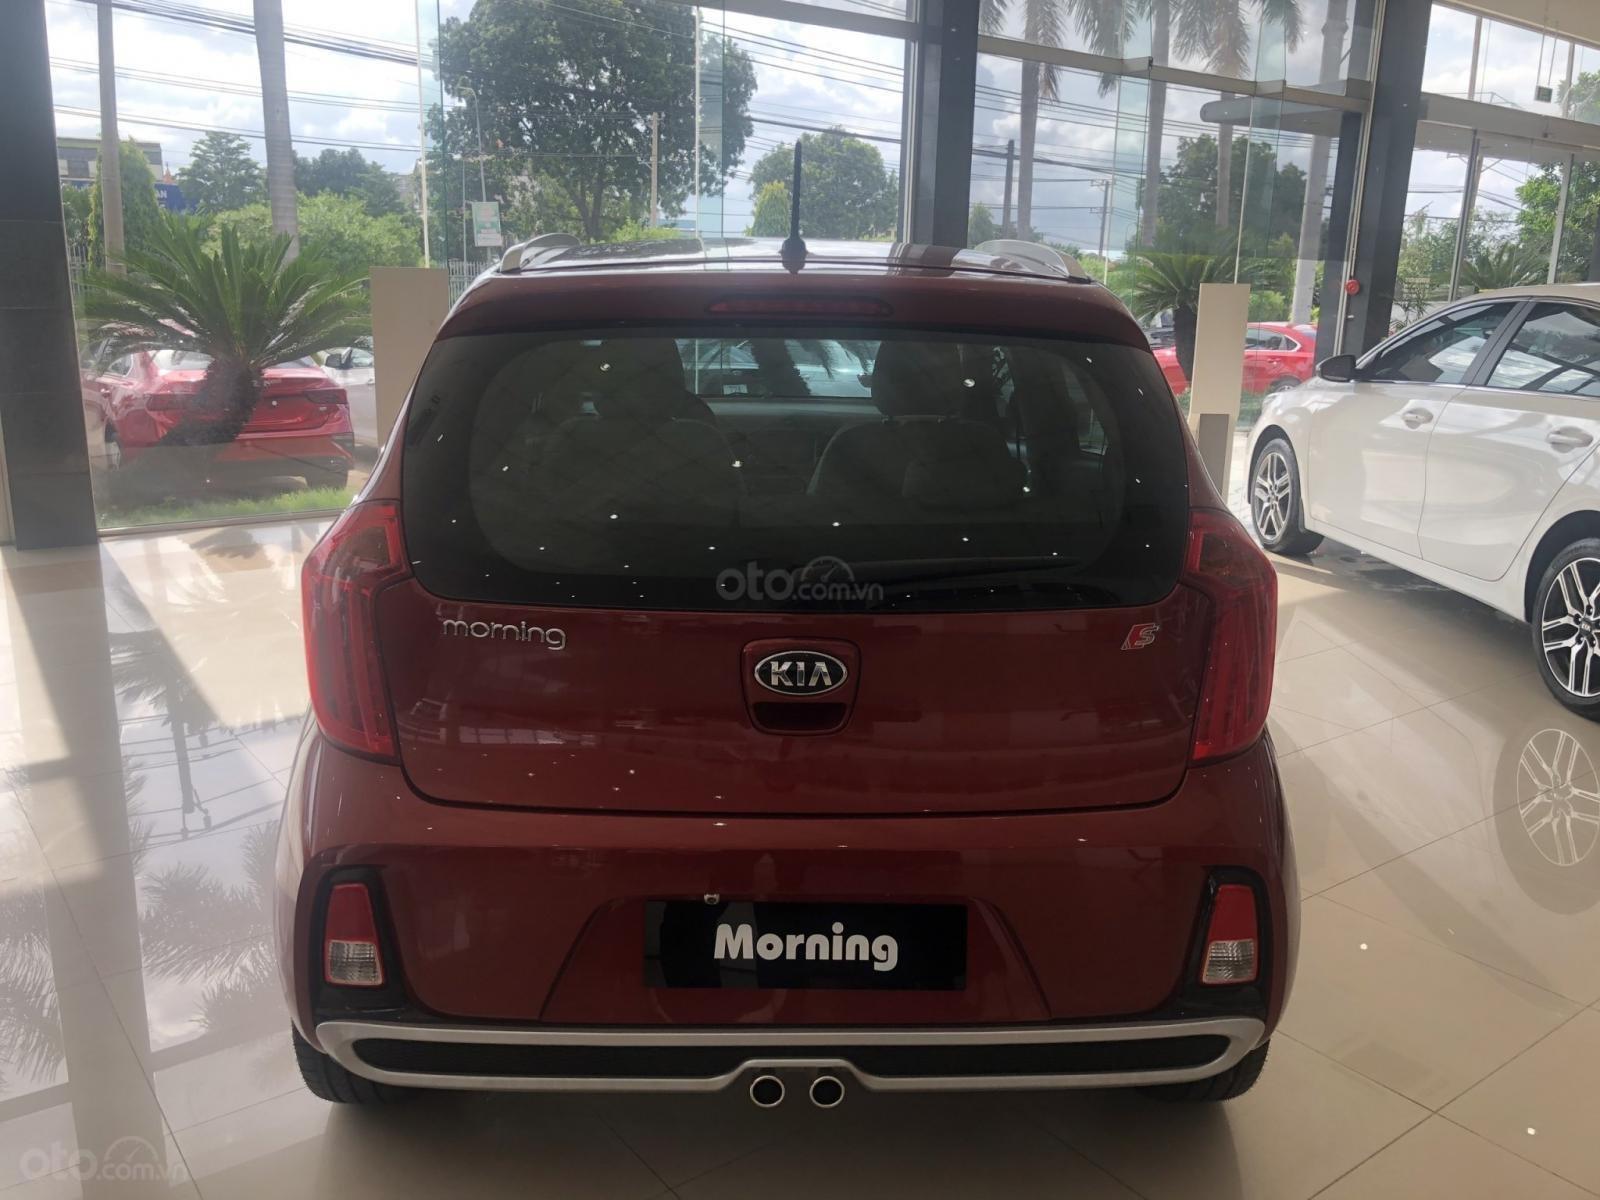 Bán Kia Morning 1.25 2019 - đủ màu - chỉ 100tr lấy xe -tại kia Biên Hòa - liên hệ: 0901.871.639 (3)